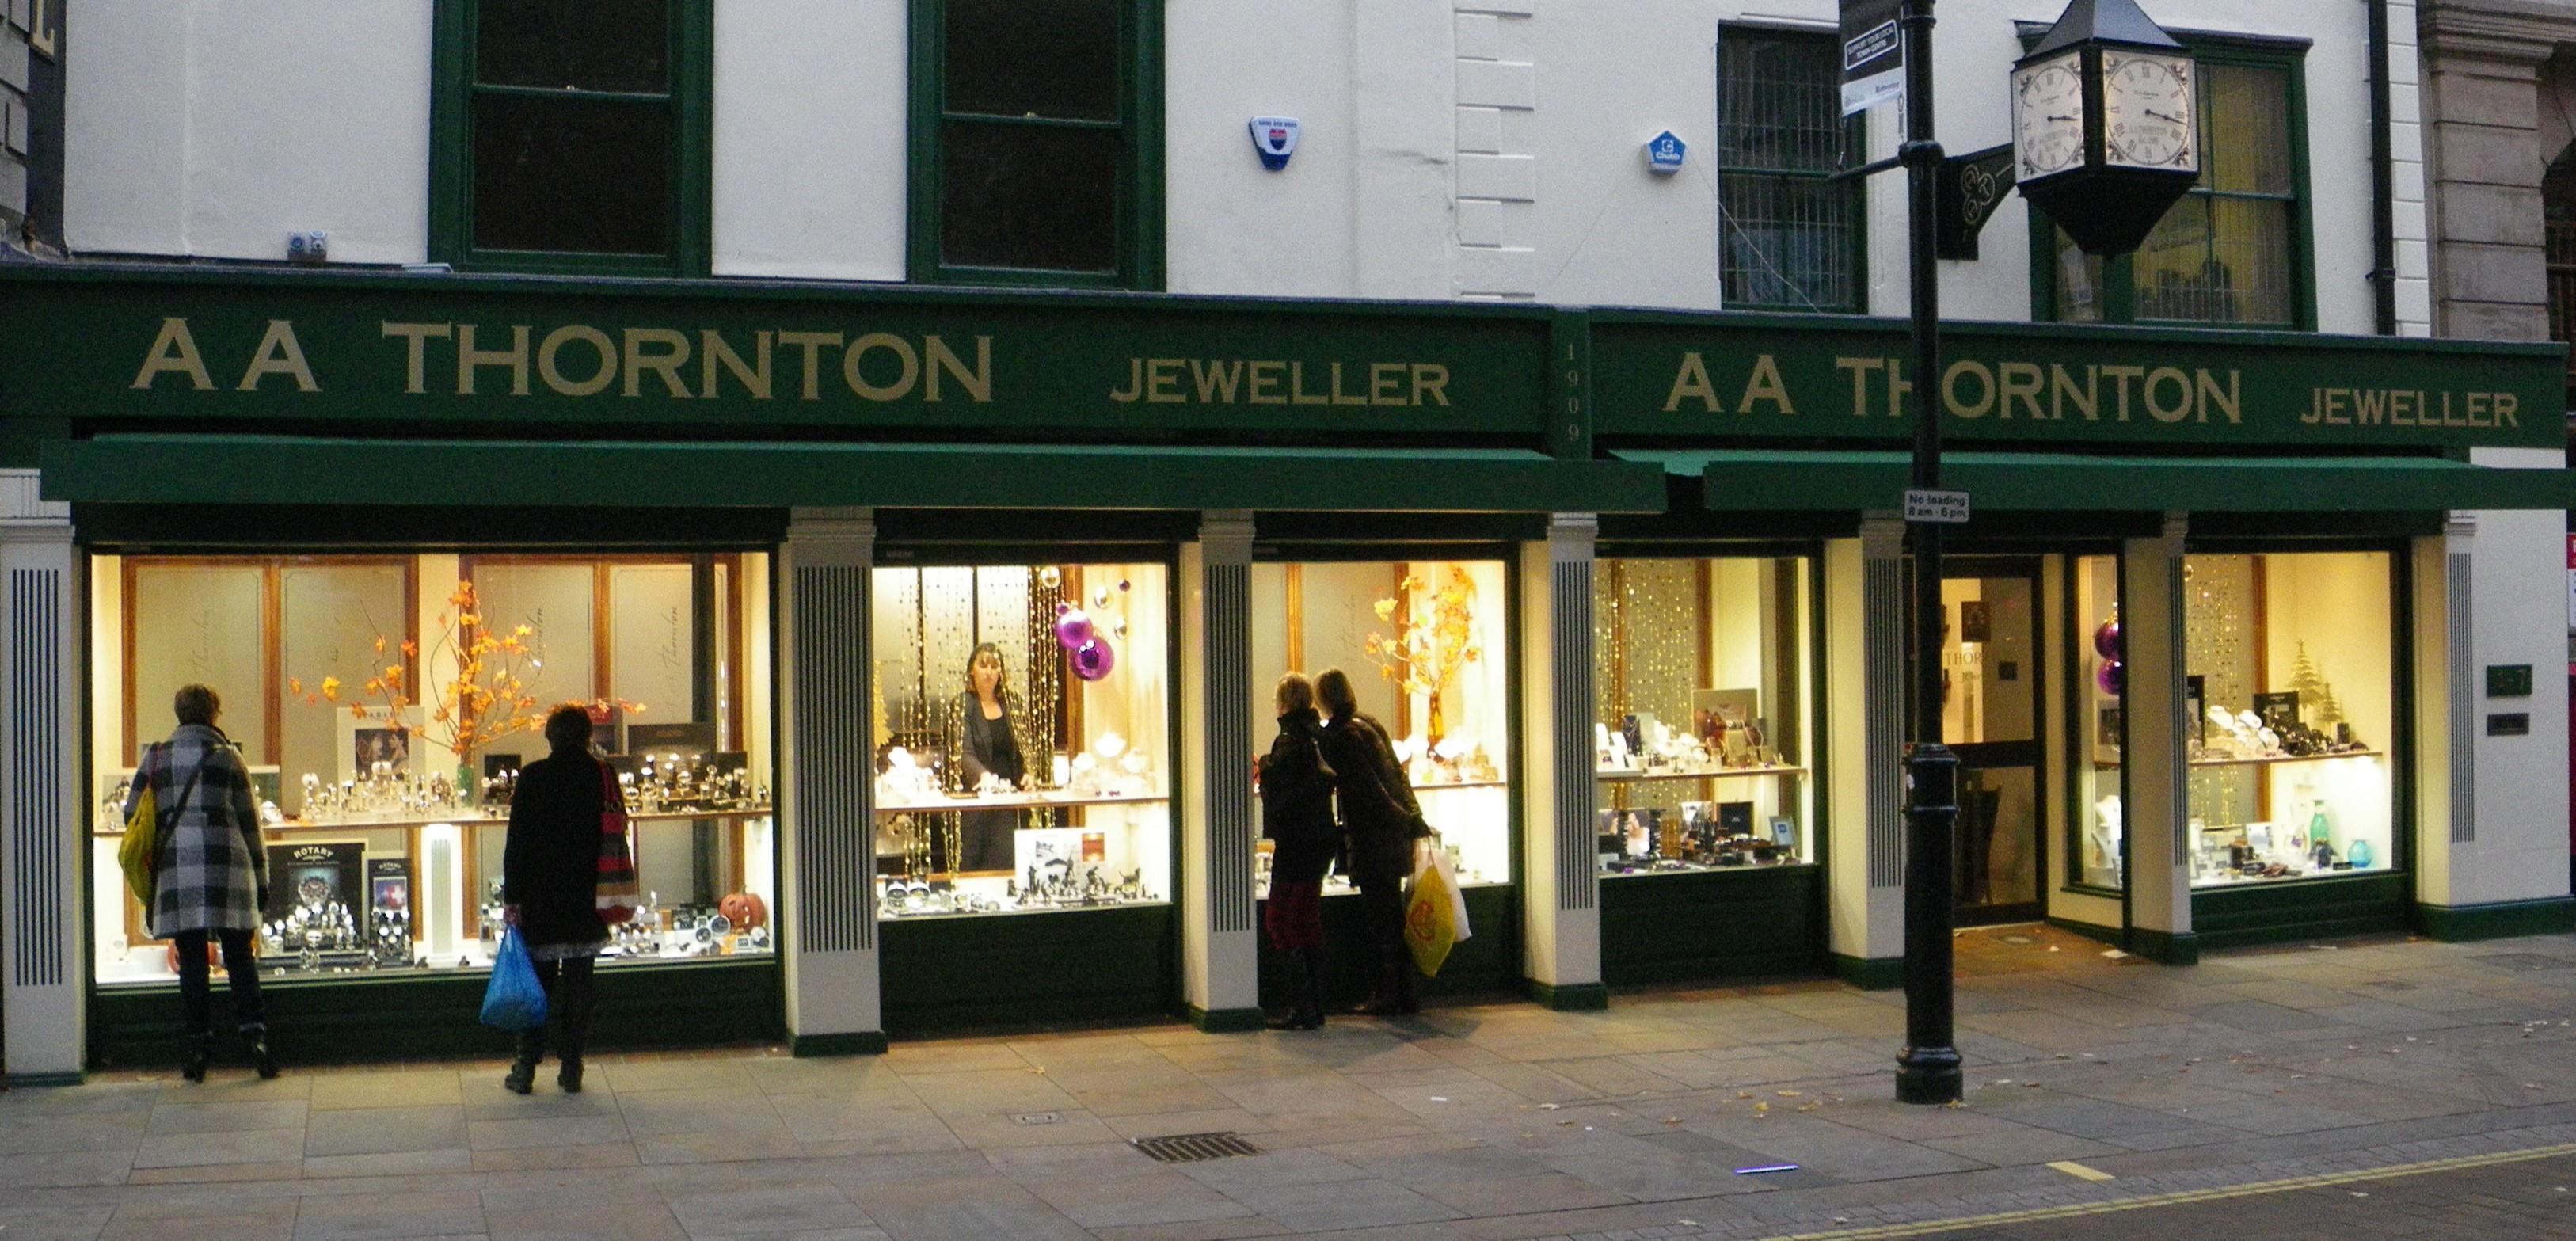 A A Thornton